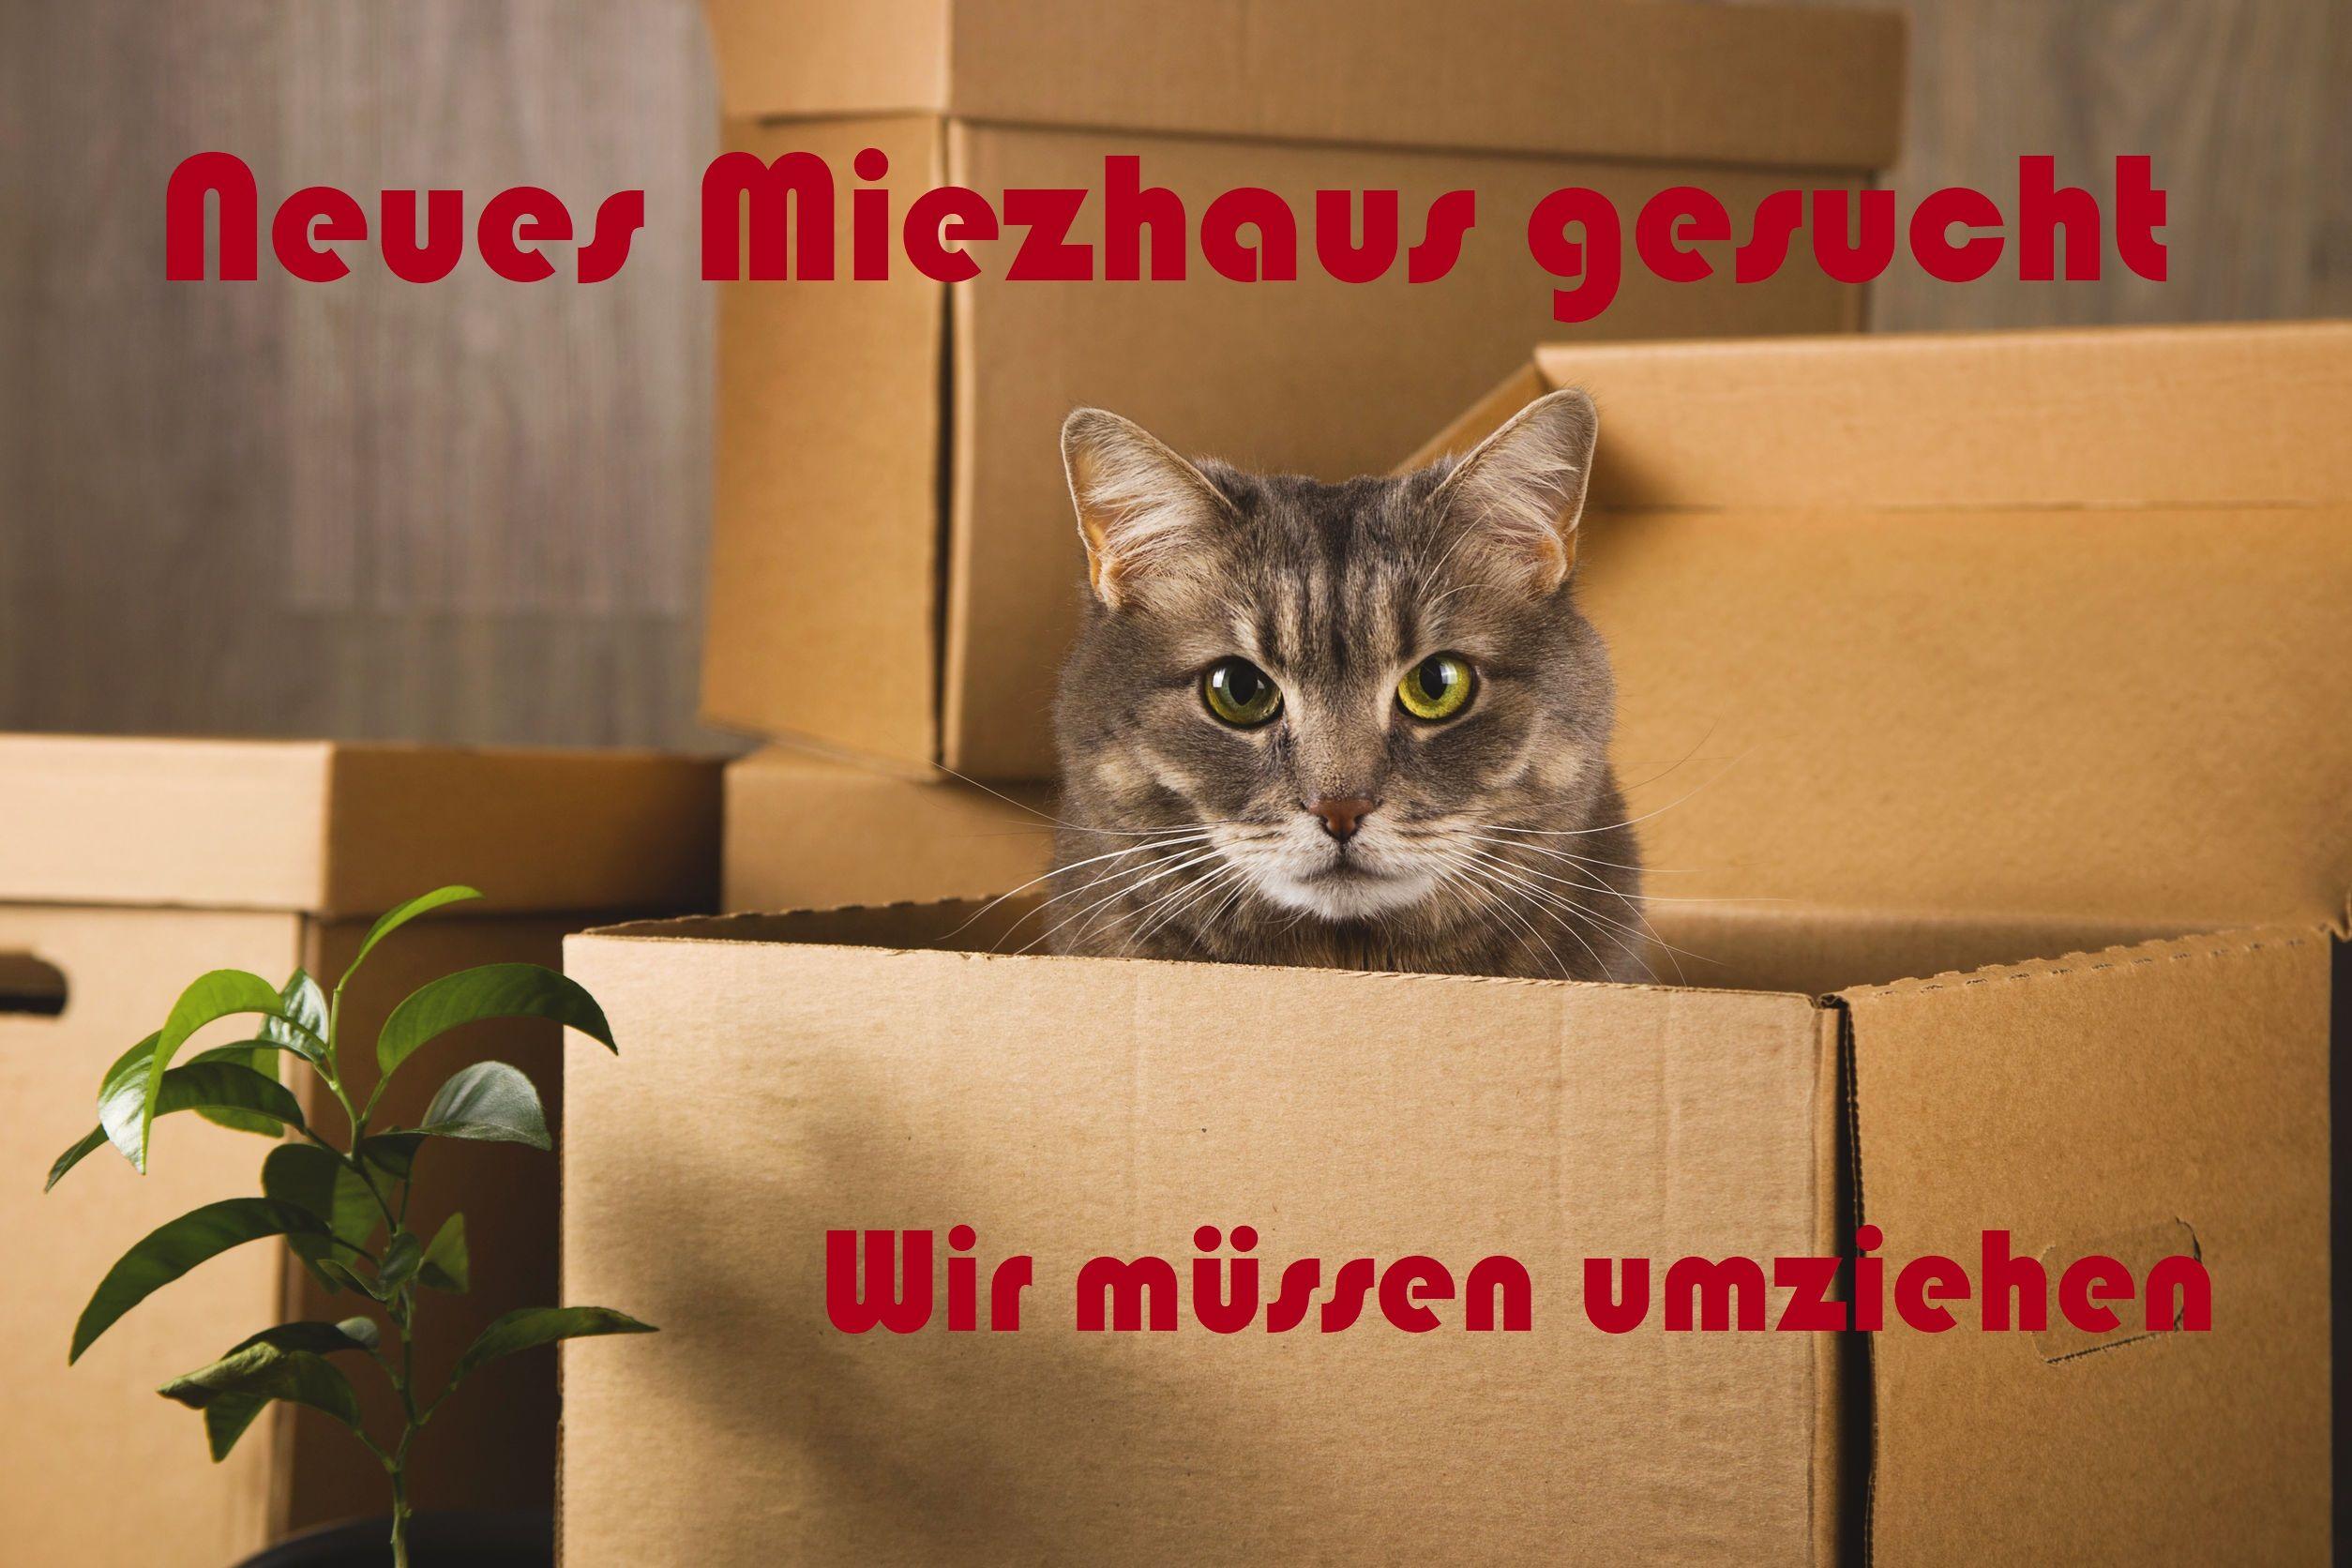 Die Katzenhilfe Neuwied muss umziehen.